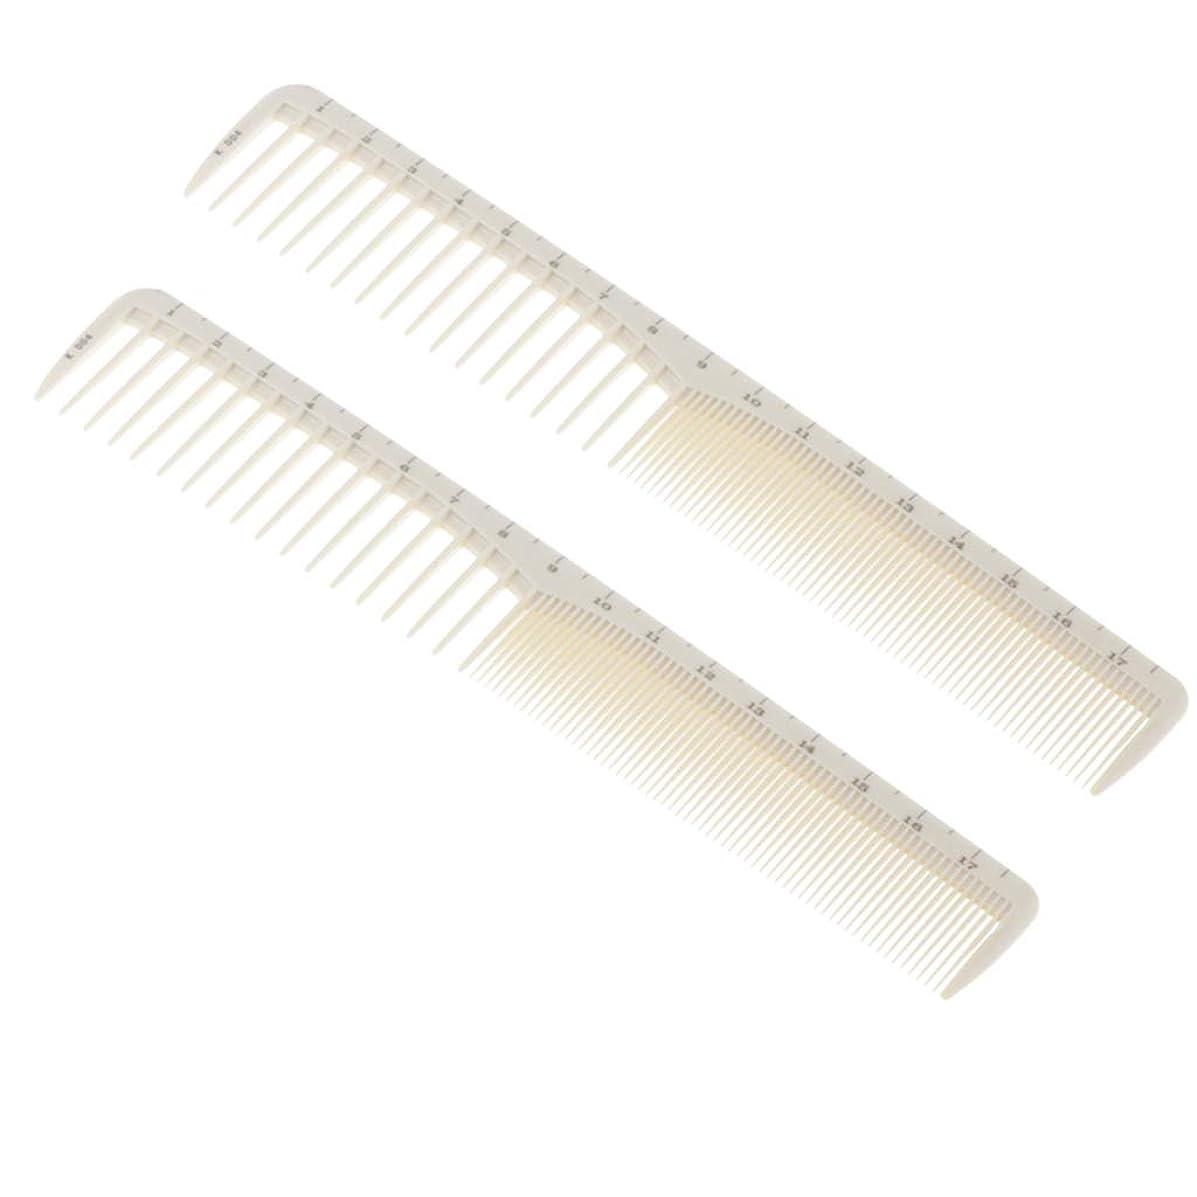 逆説カート扱うSM SunniMix ヘアダイコーム ヘアブラシ 櫛 スケール付き 両用 ヘアカット 低静電気 頭皮マッサージブラシ 2本